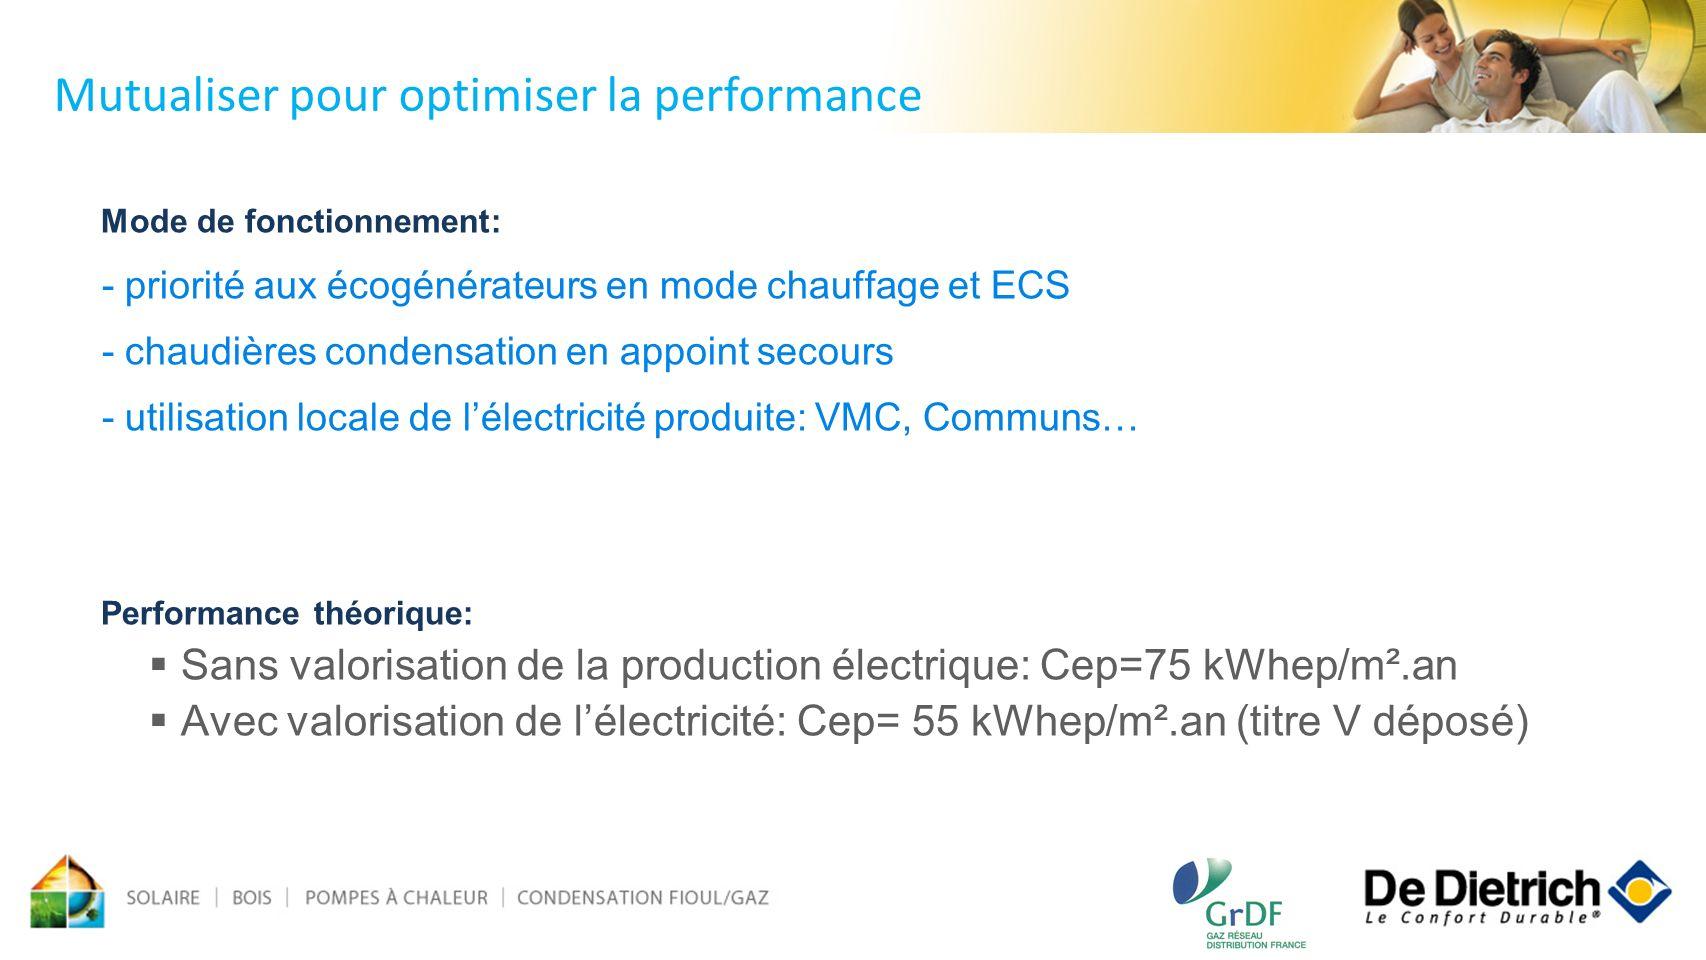 Mode de fonctionnement: - priorité aux écogénérateurs en mode chauffage et ECS - chaudières condensation en appoint secours - utilisation locale de lé